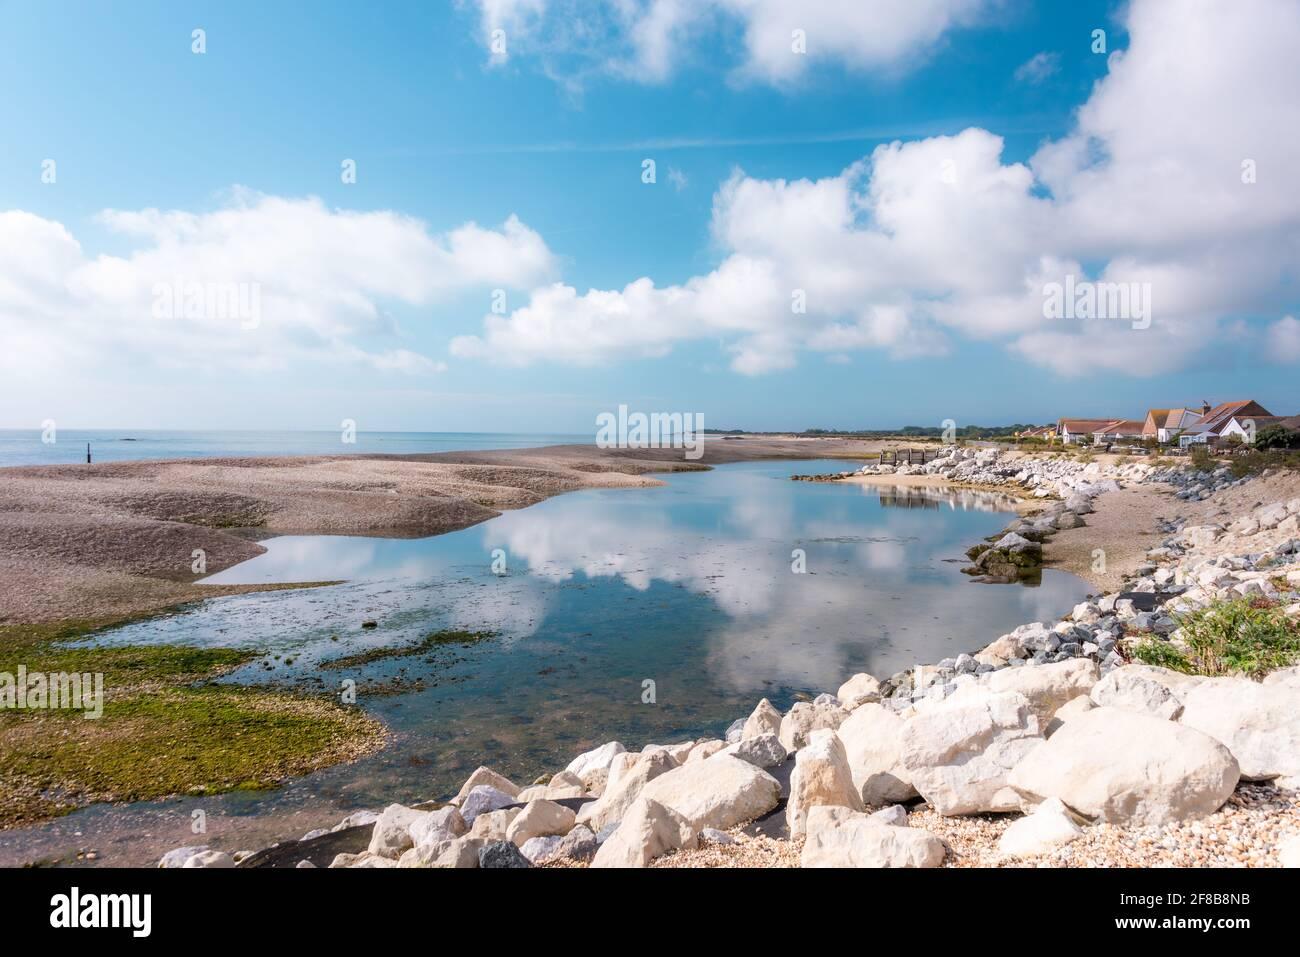 Maisons côtières avec nuages reflétés à Pagham, West Sussex. Banque D'Images